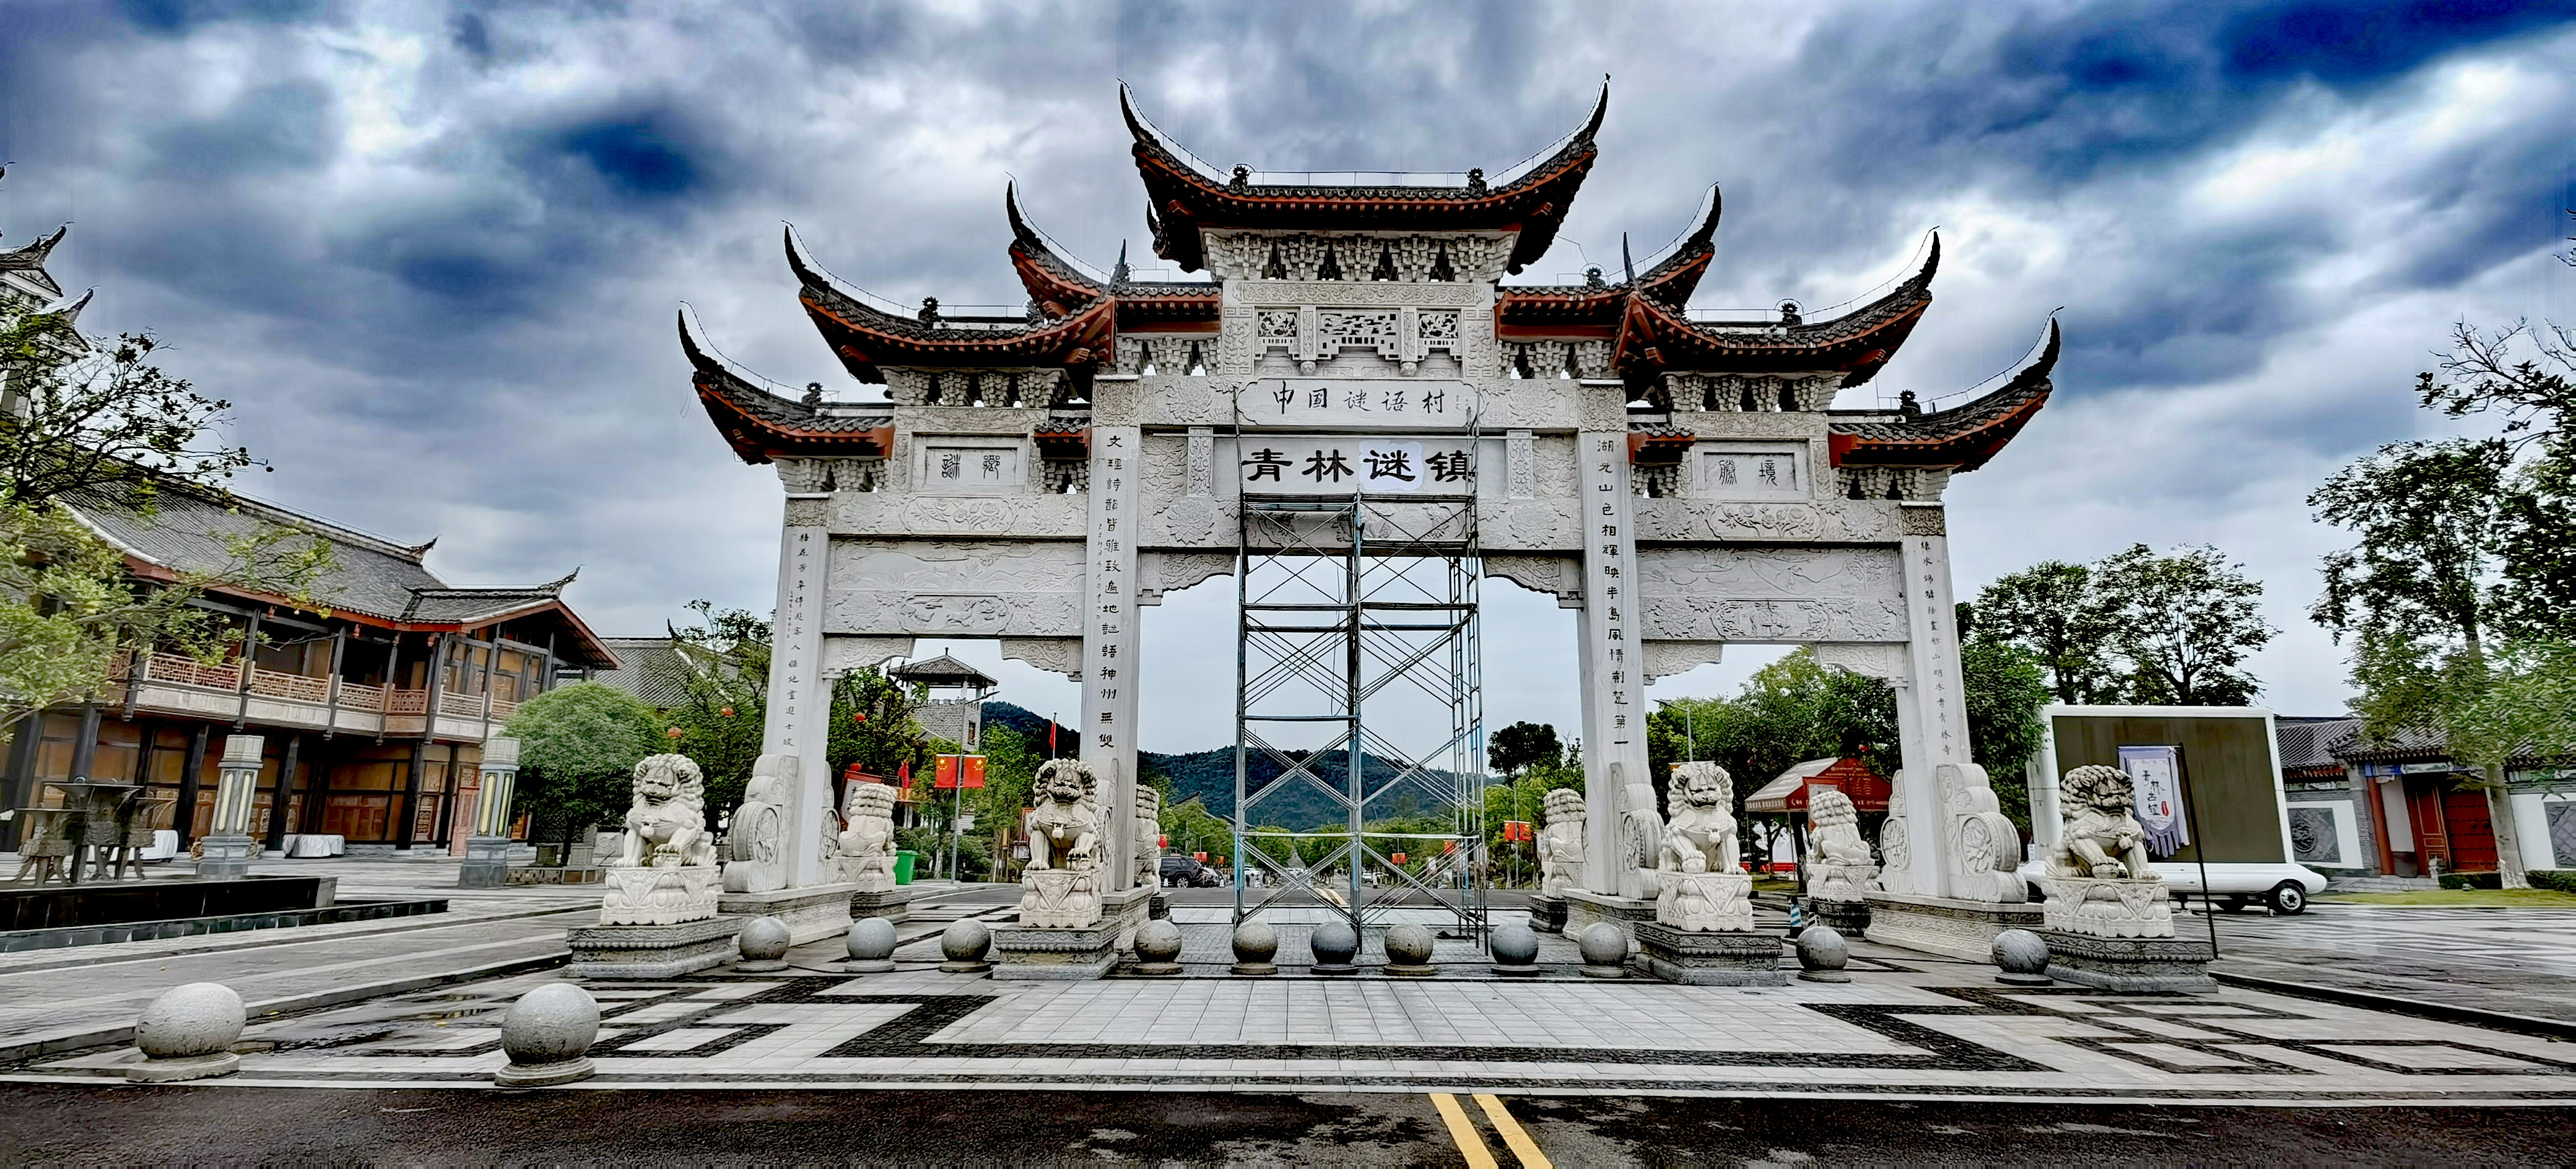 湖北宜昌:青林古镇更名为青林谜镇,改动一个字,以激活旅游